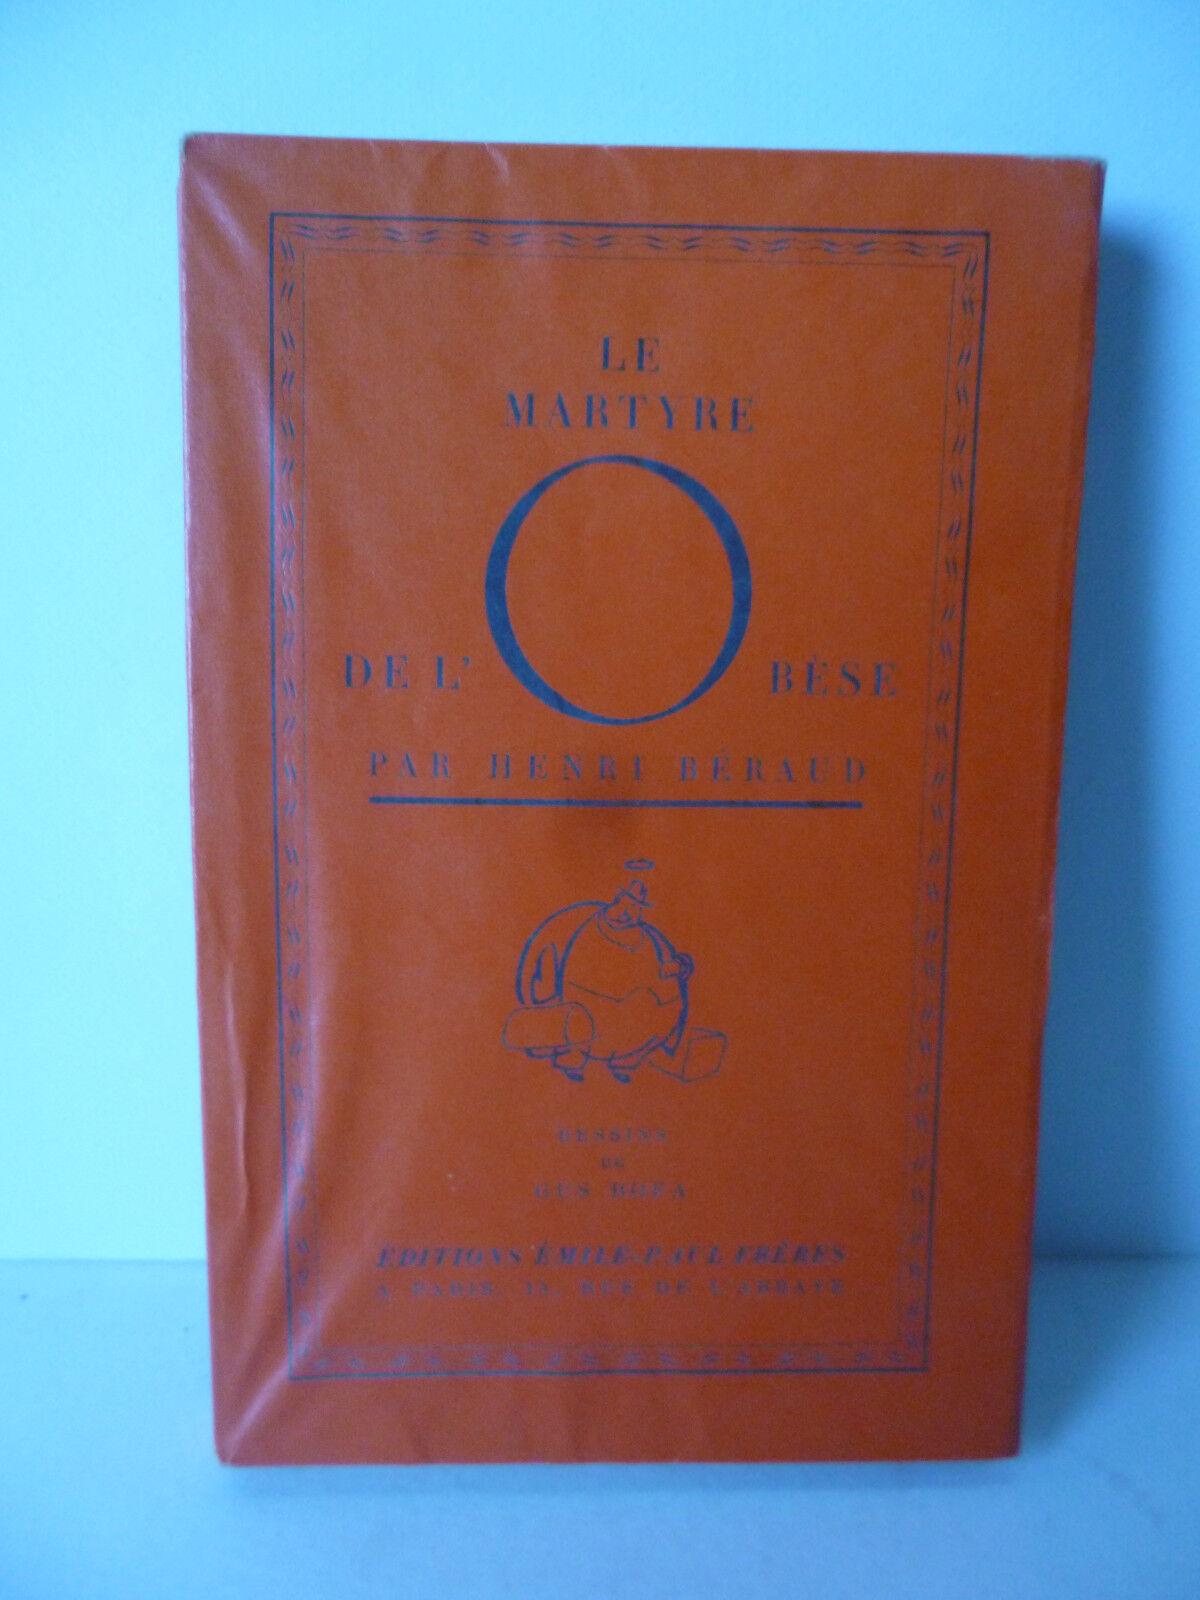 Le Martyre de l'obèse, par Henri Béraud. Dessins de Gus Bofa